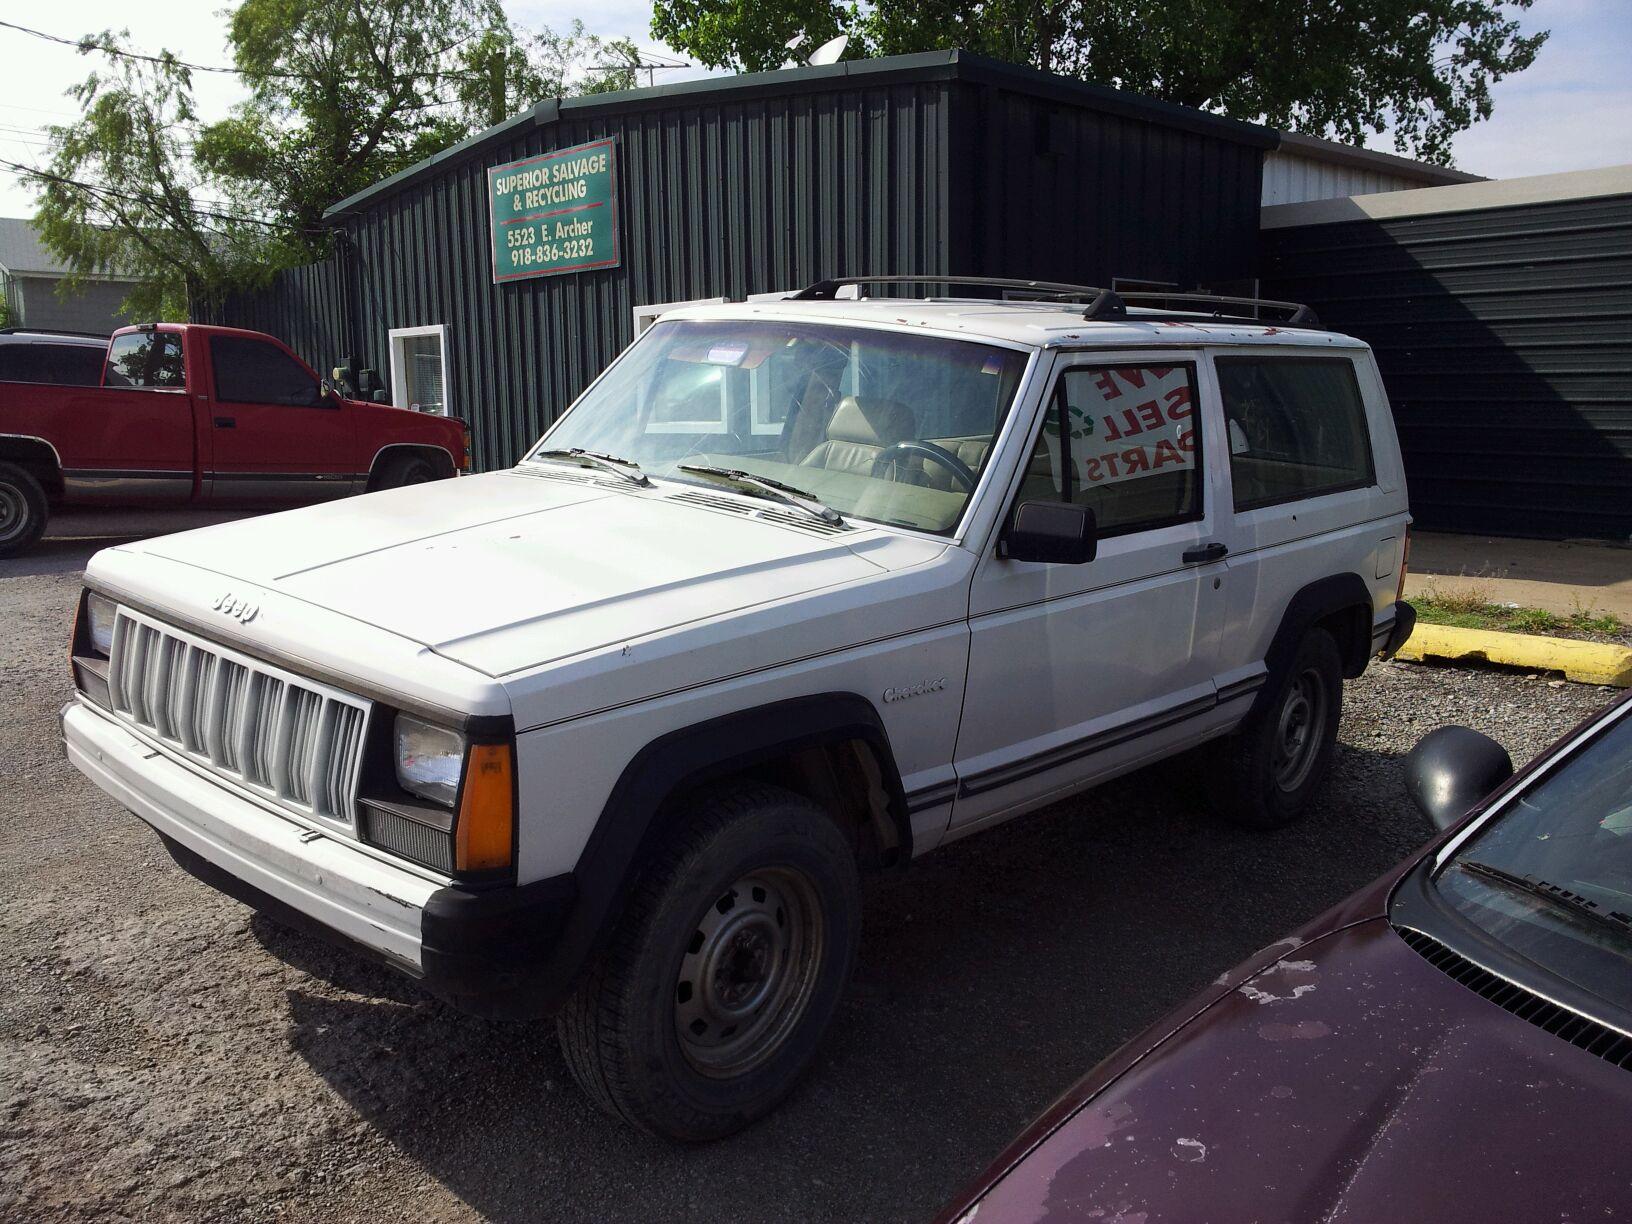 1990 jeep cherokee: